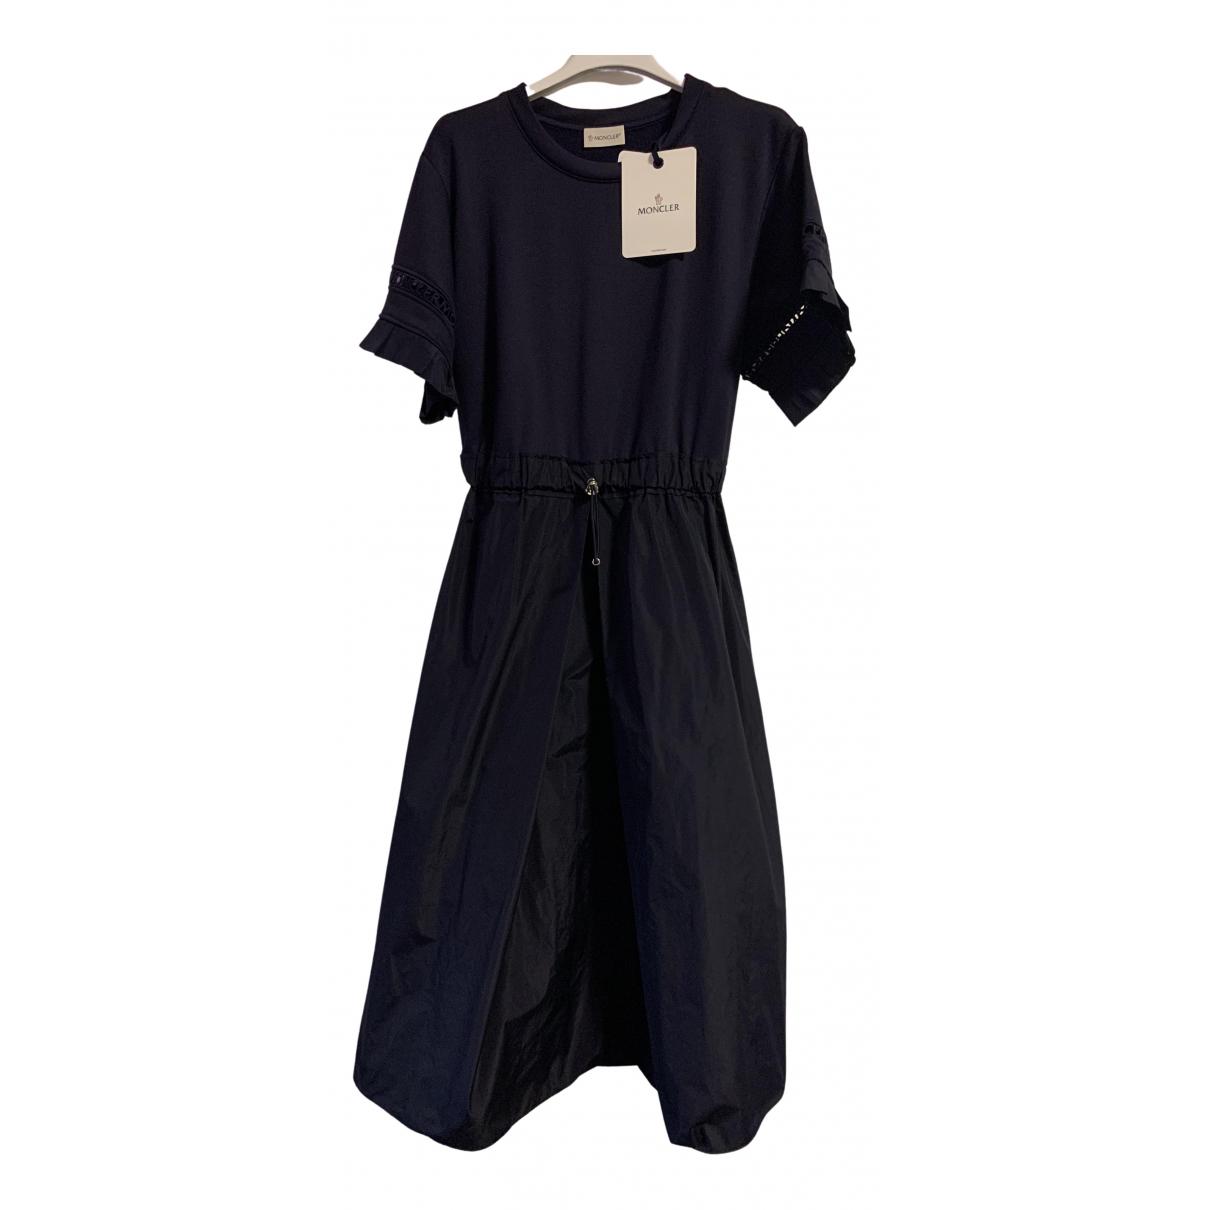 Moncler \N Kleid in  Blau Polyester